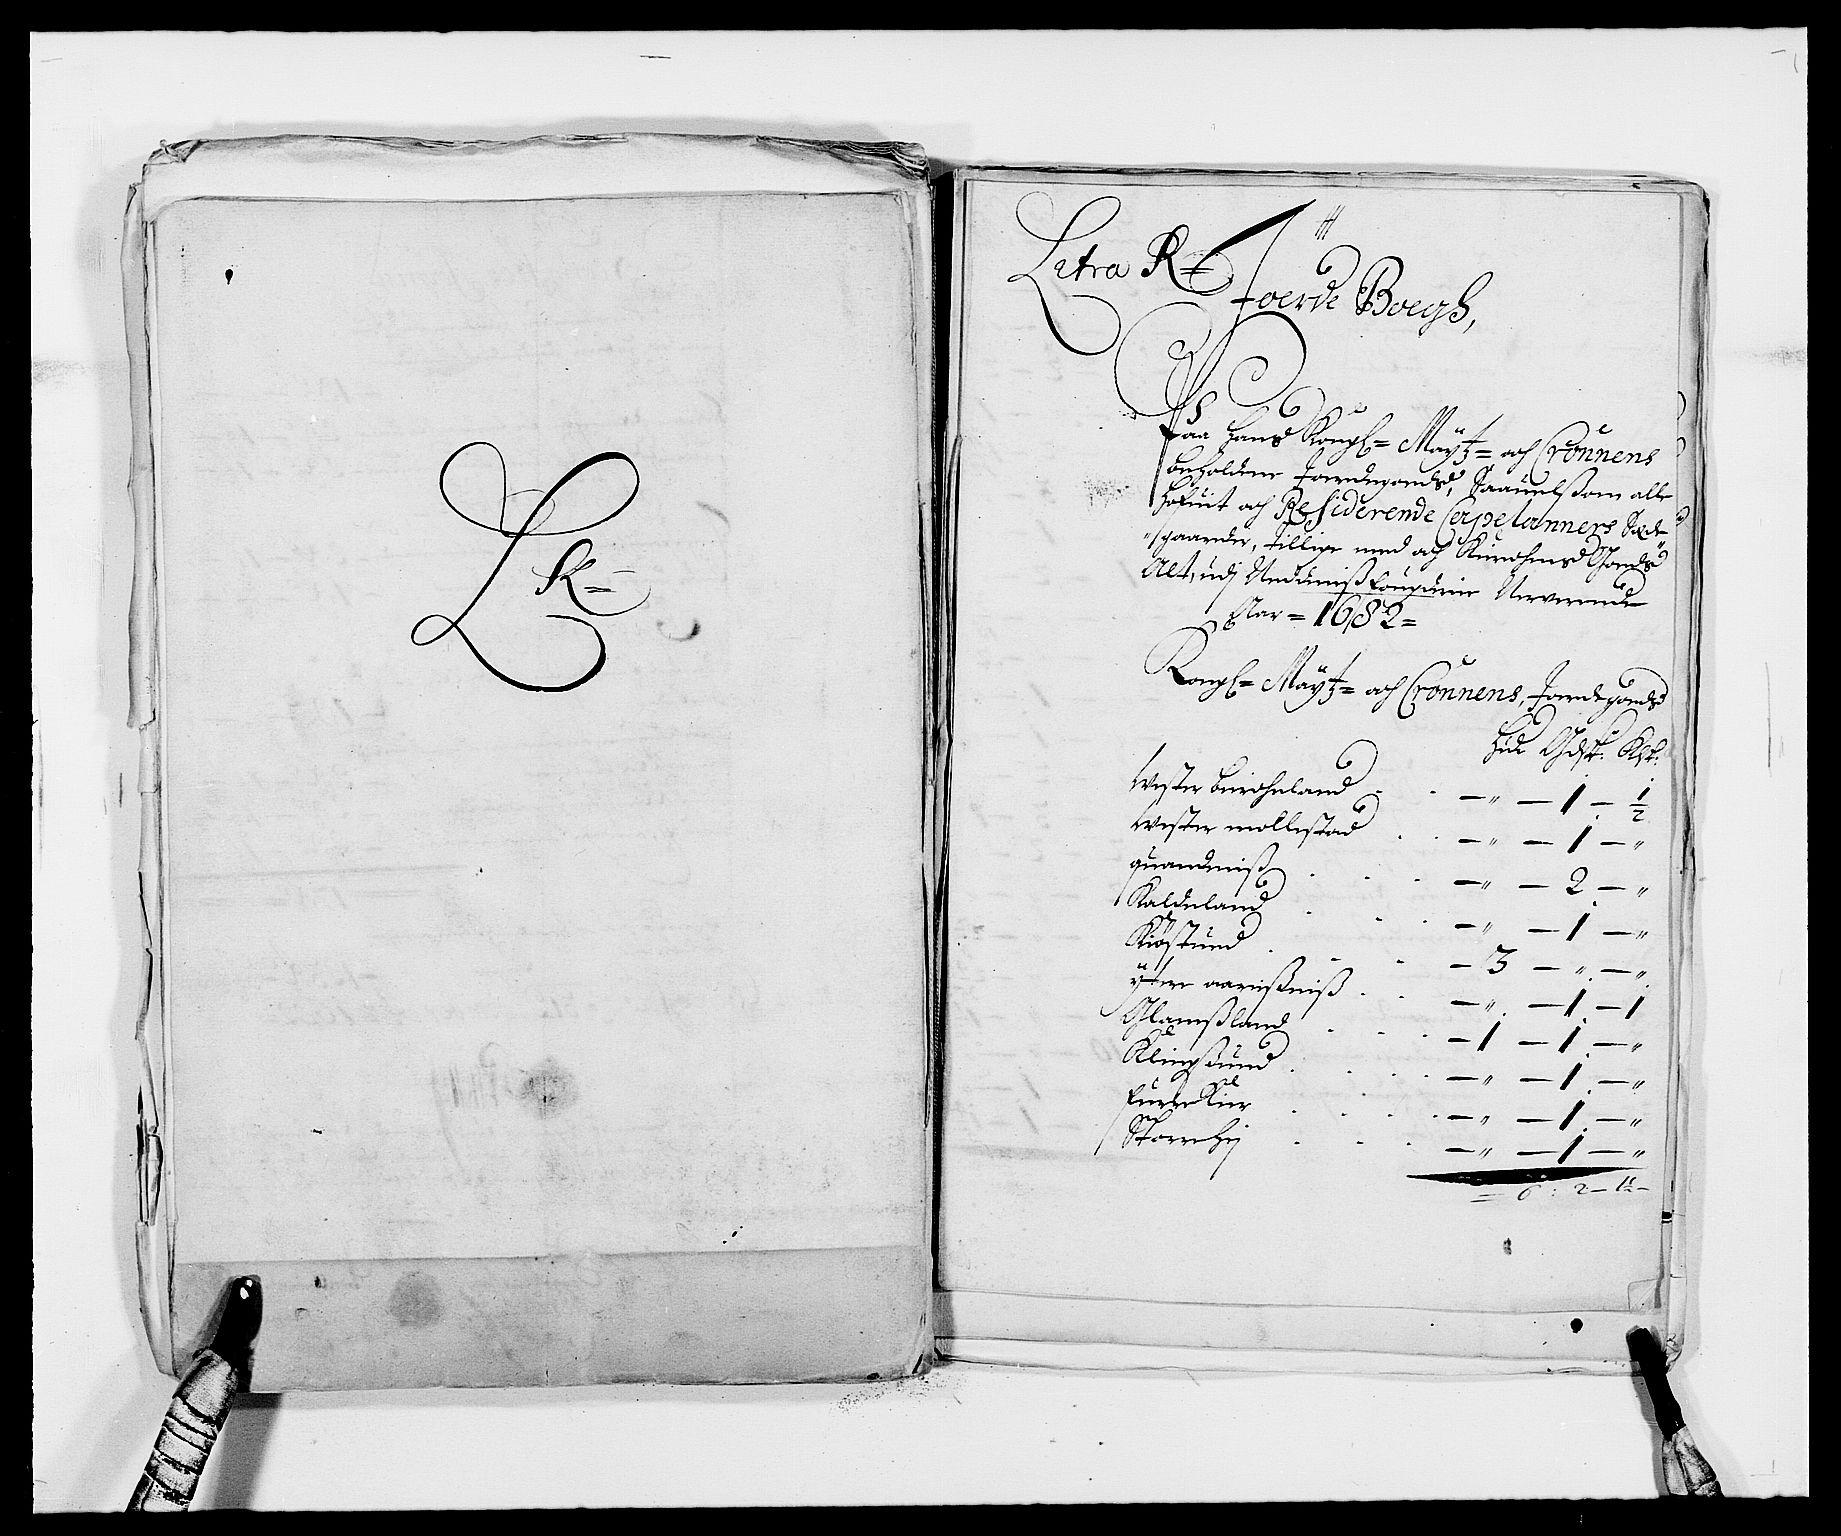 RA, Rentekammeret inntil 1814, Reviderte regnskaper, Fogderegnskap, R39/L2304: Fogderegnskap Nedenes, 1680-1682, s. 397